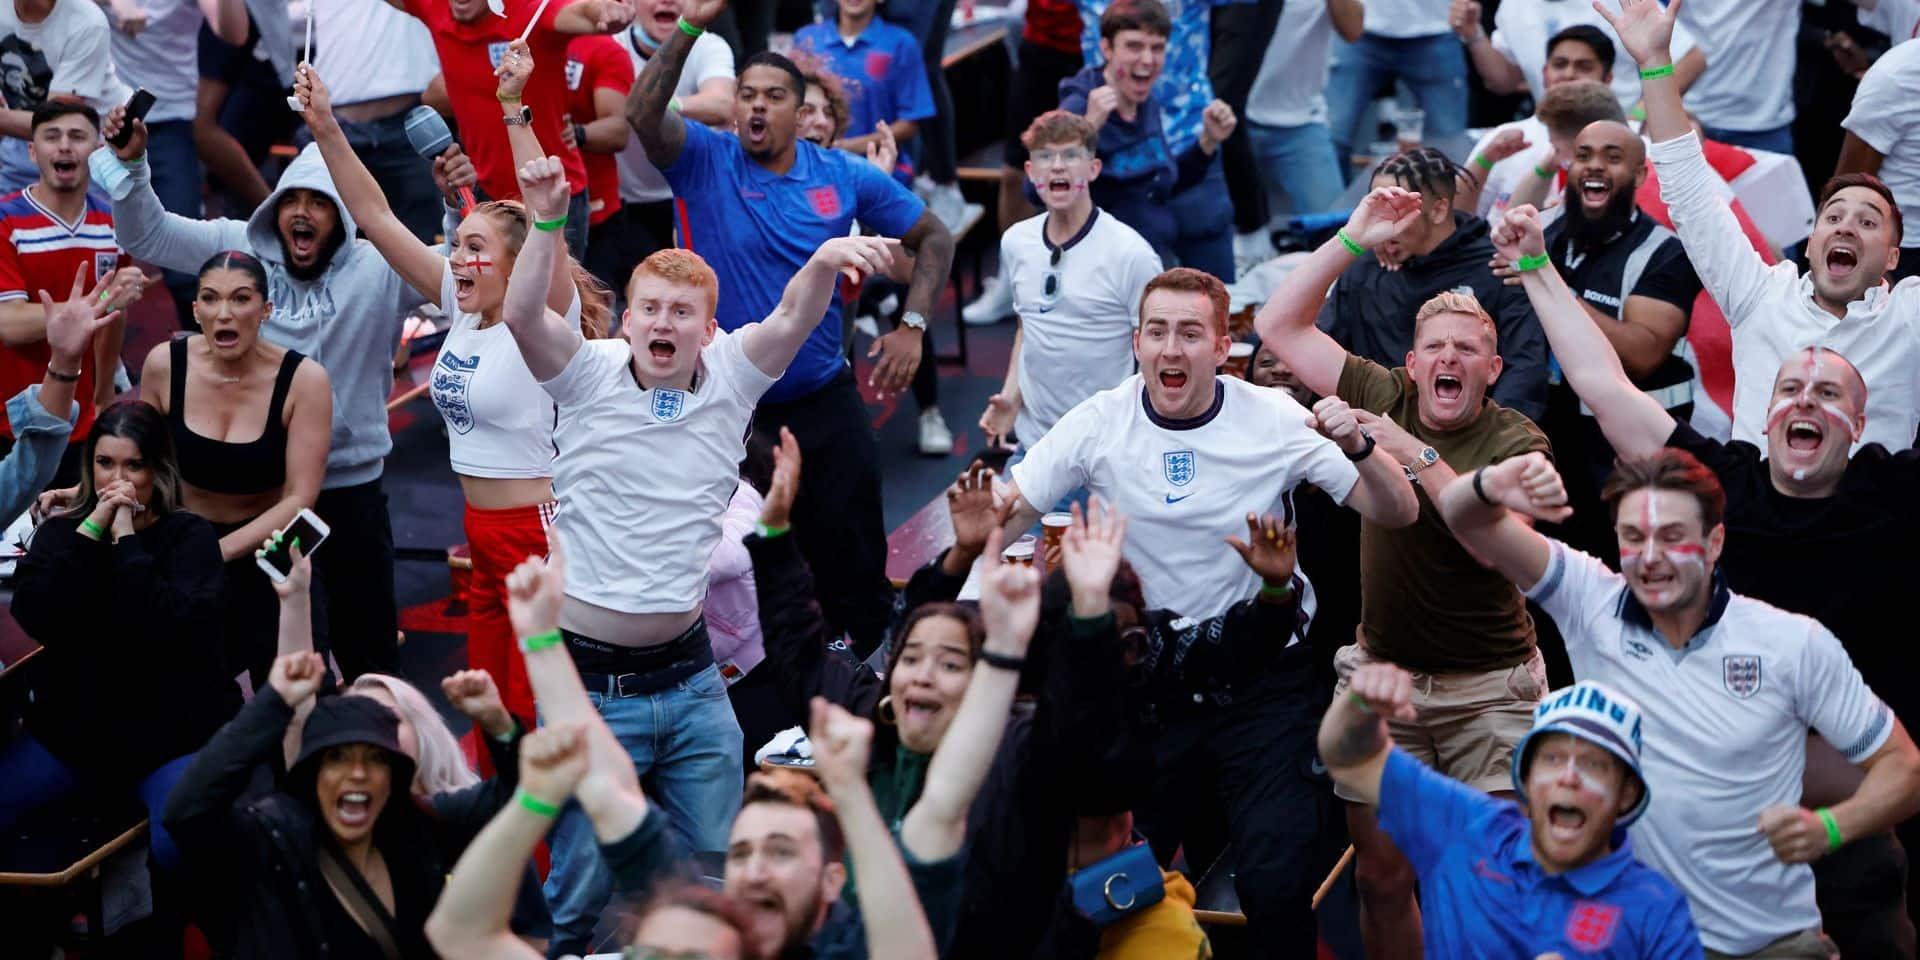 """La grande inquiétude de l'Angleterre avant la finale de l'Euro: """"Je ne peux pas le garantir pour le moment, il faut voir ce qu'il se passera"""""""